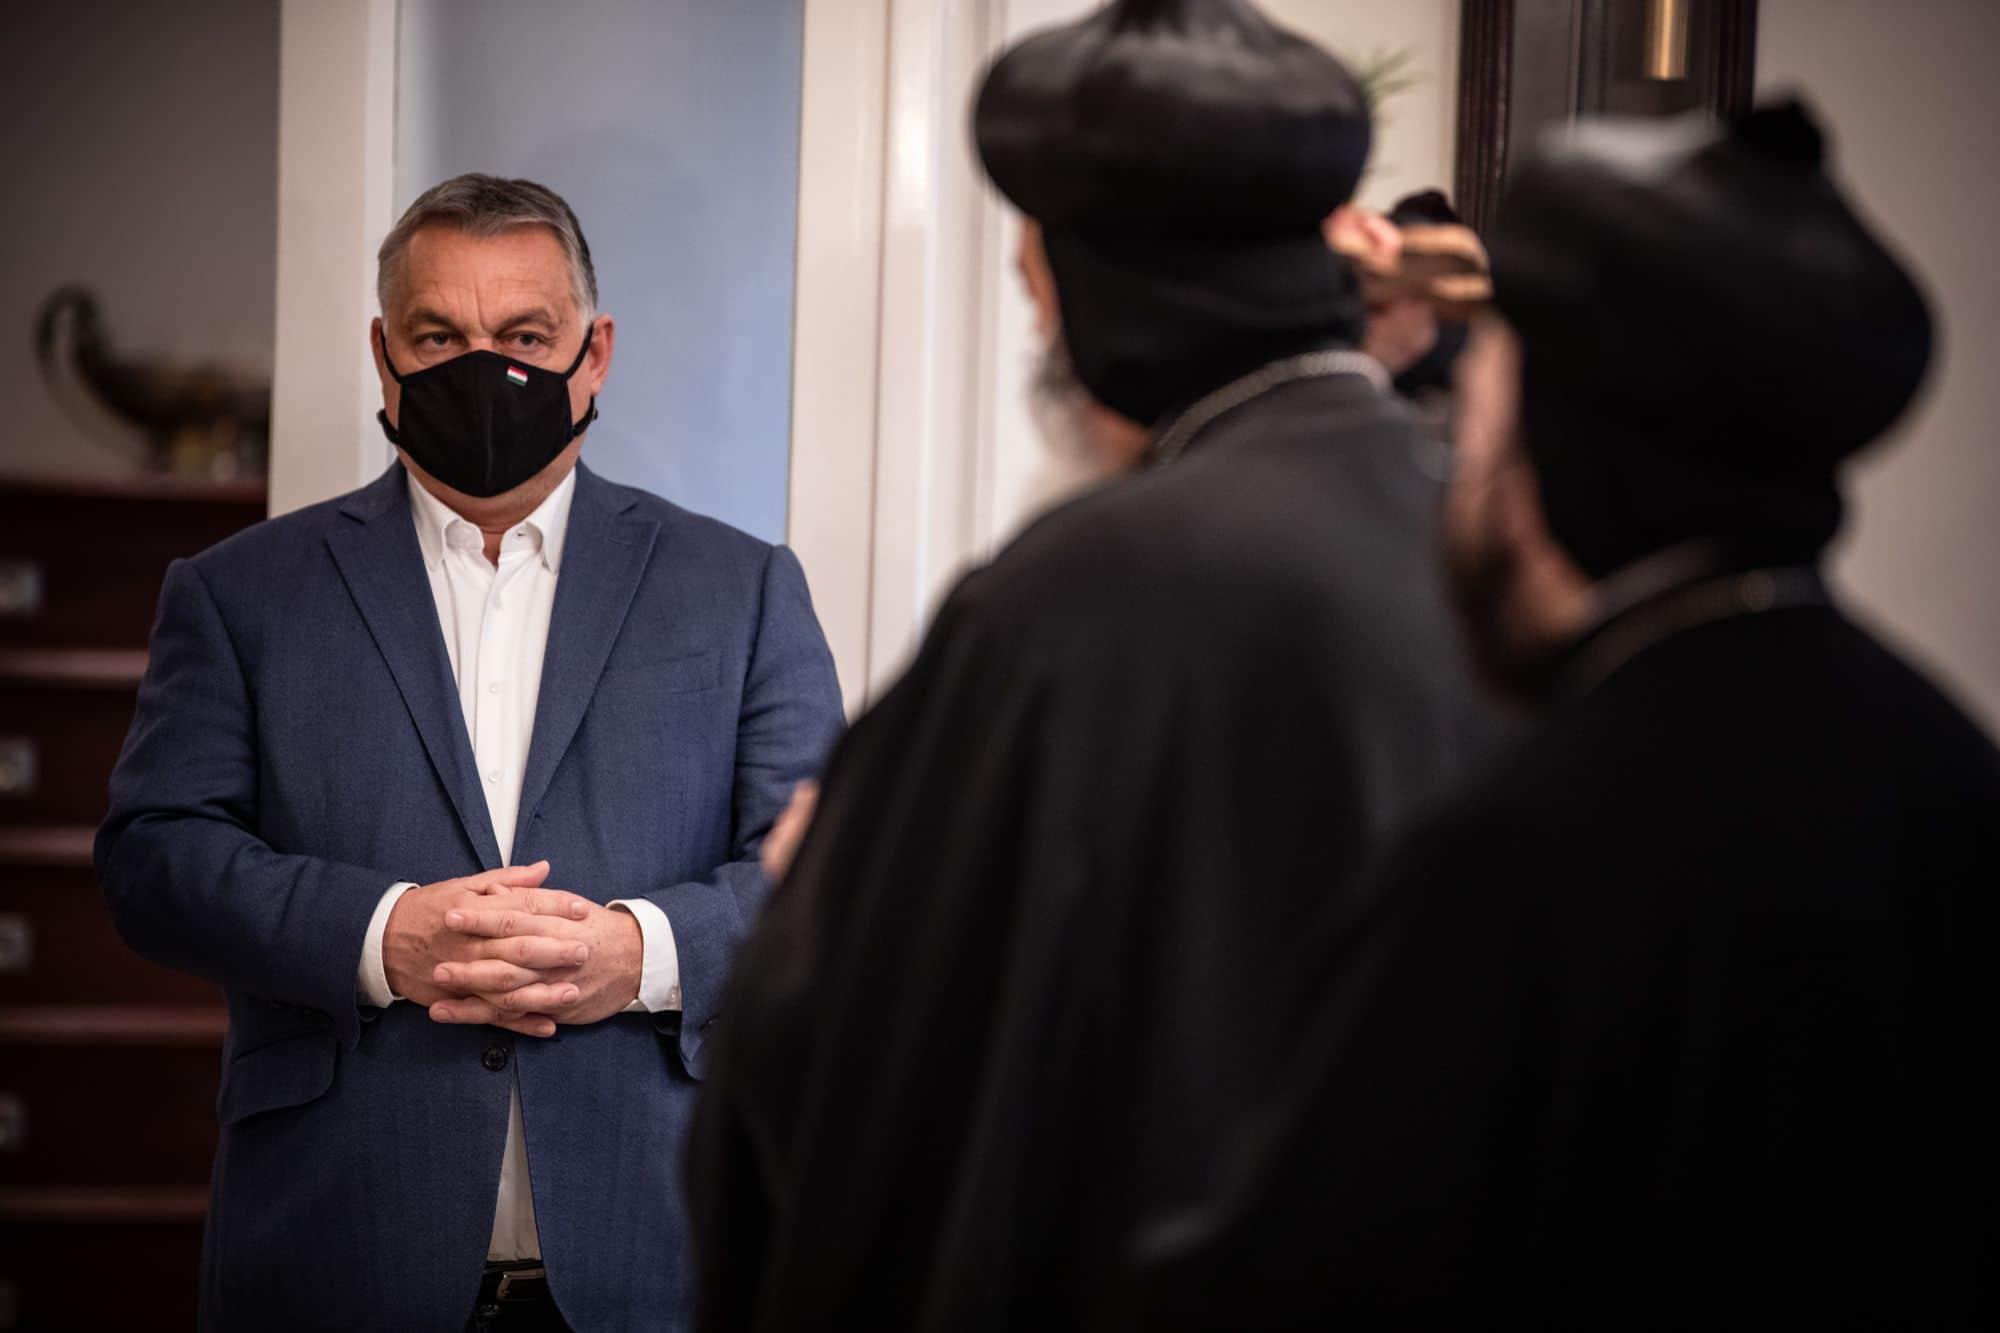 orban viktor Kadar villa szir patriarka7